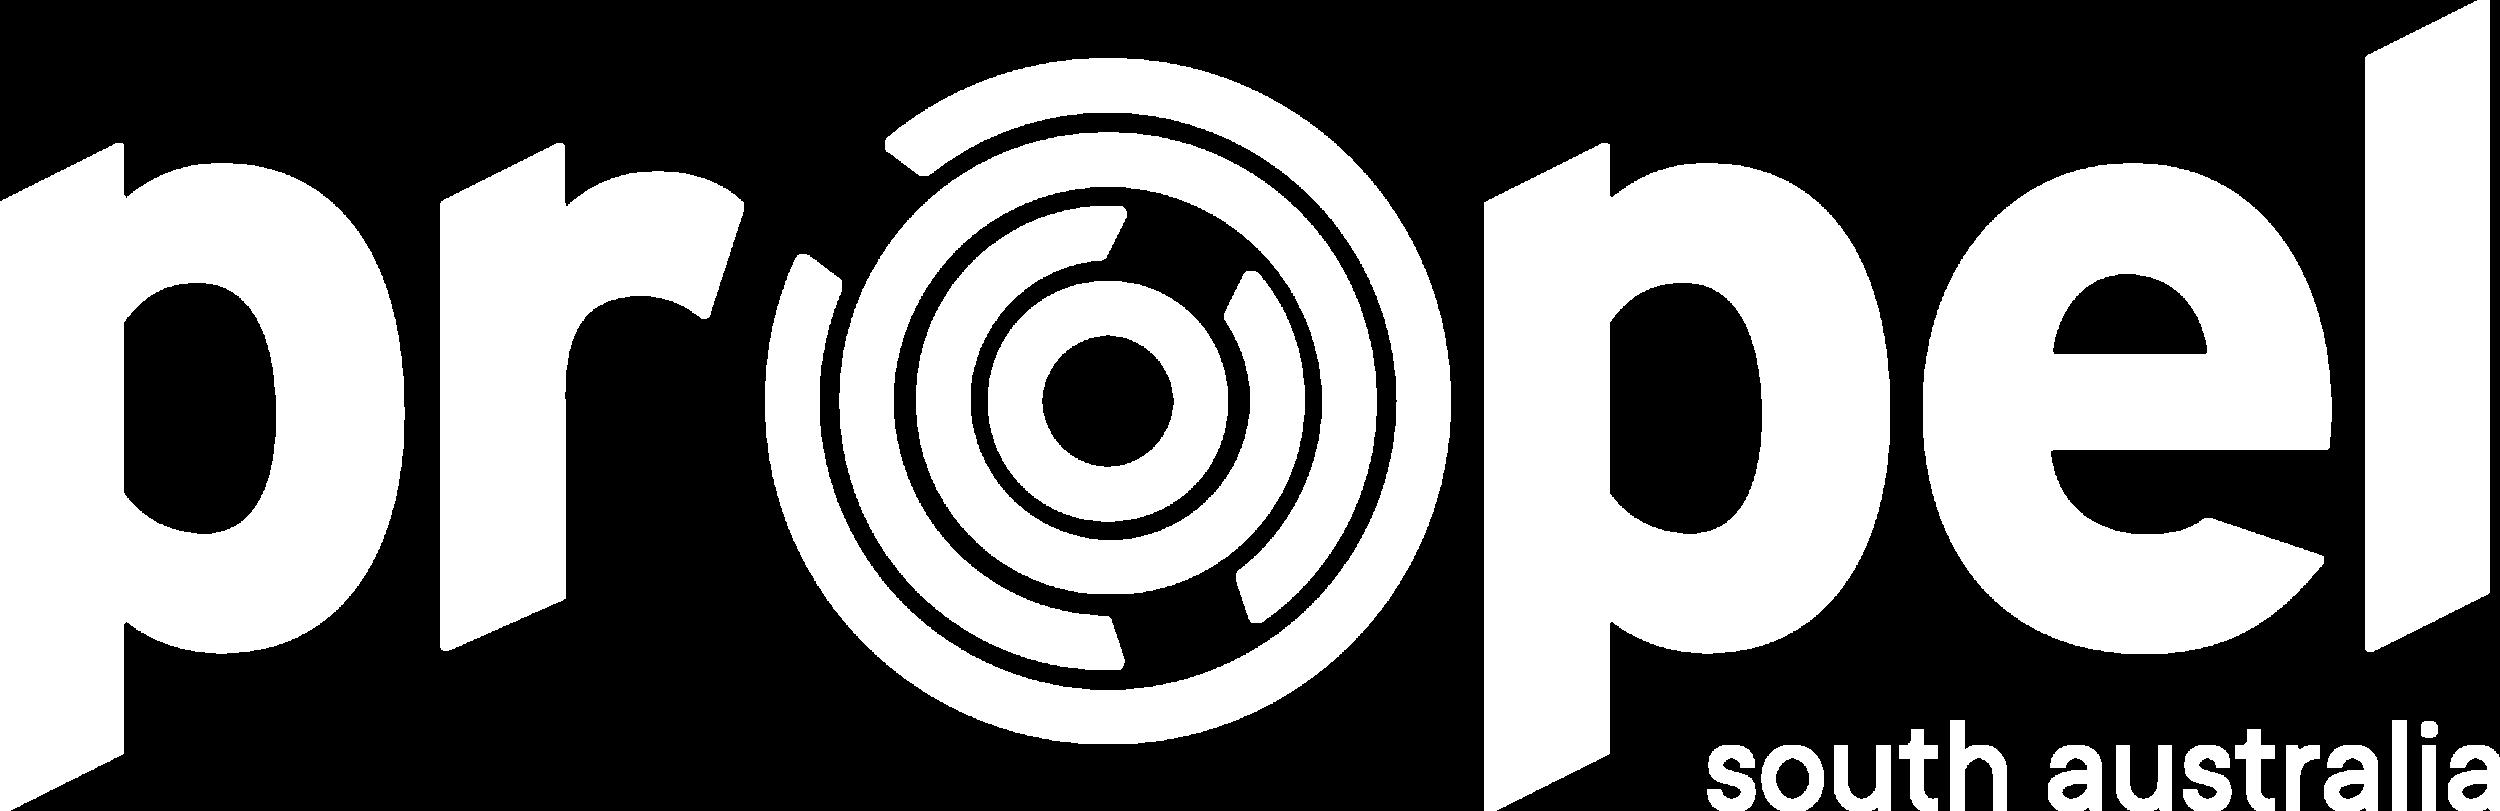 propel sa footer logo-22.png